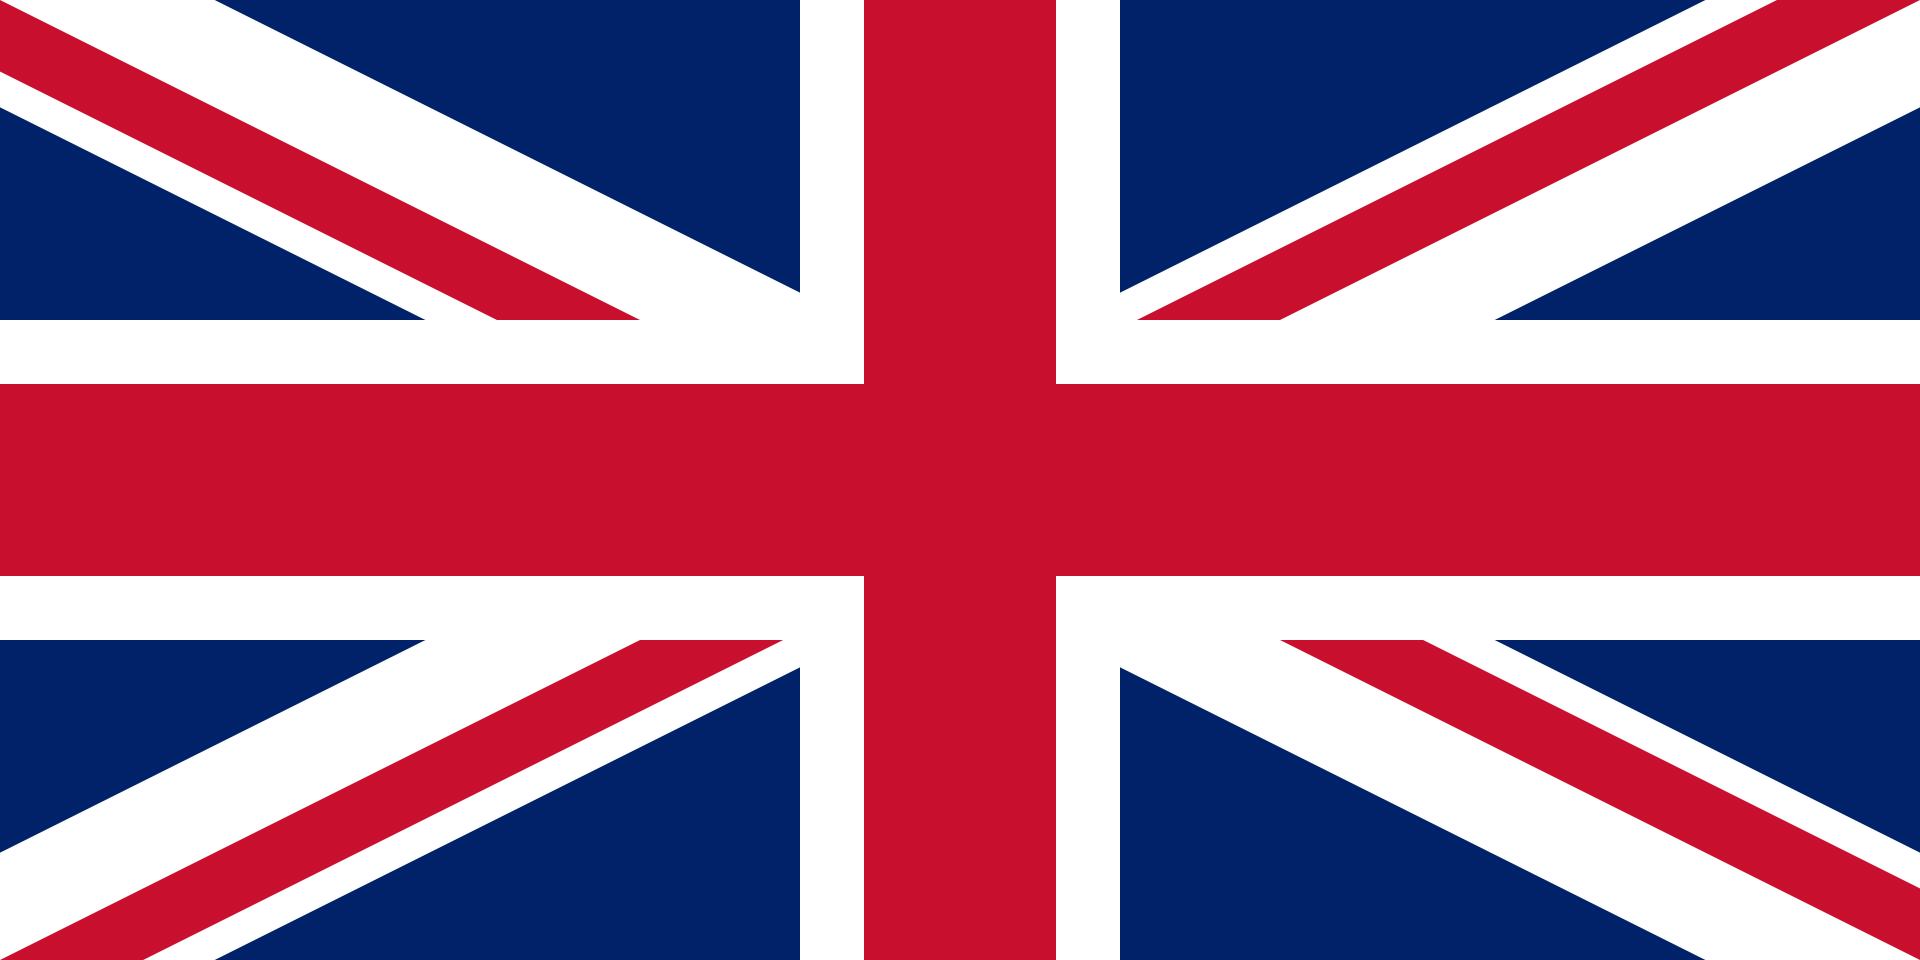 Documentación y cambios al viajar al Reino Unido tras el Brexit